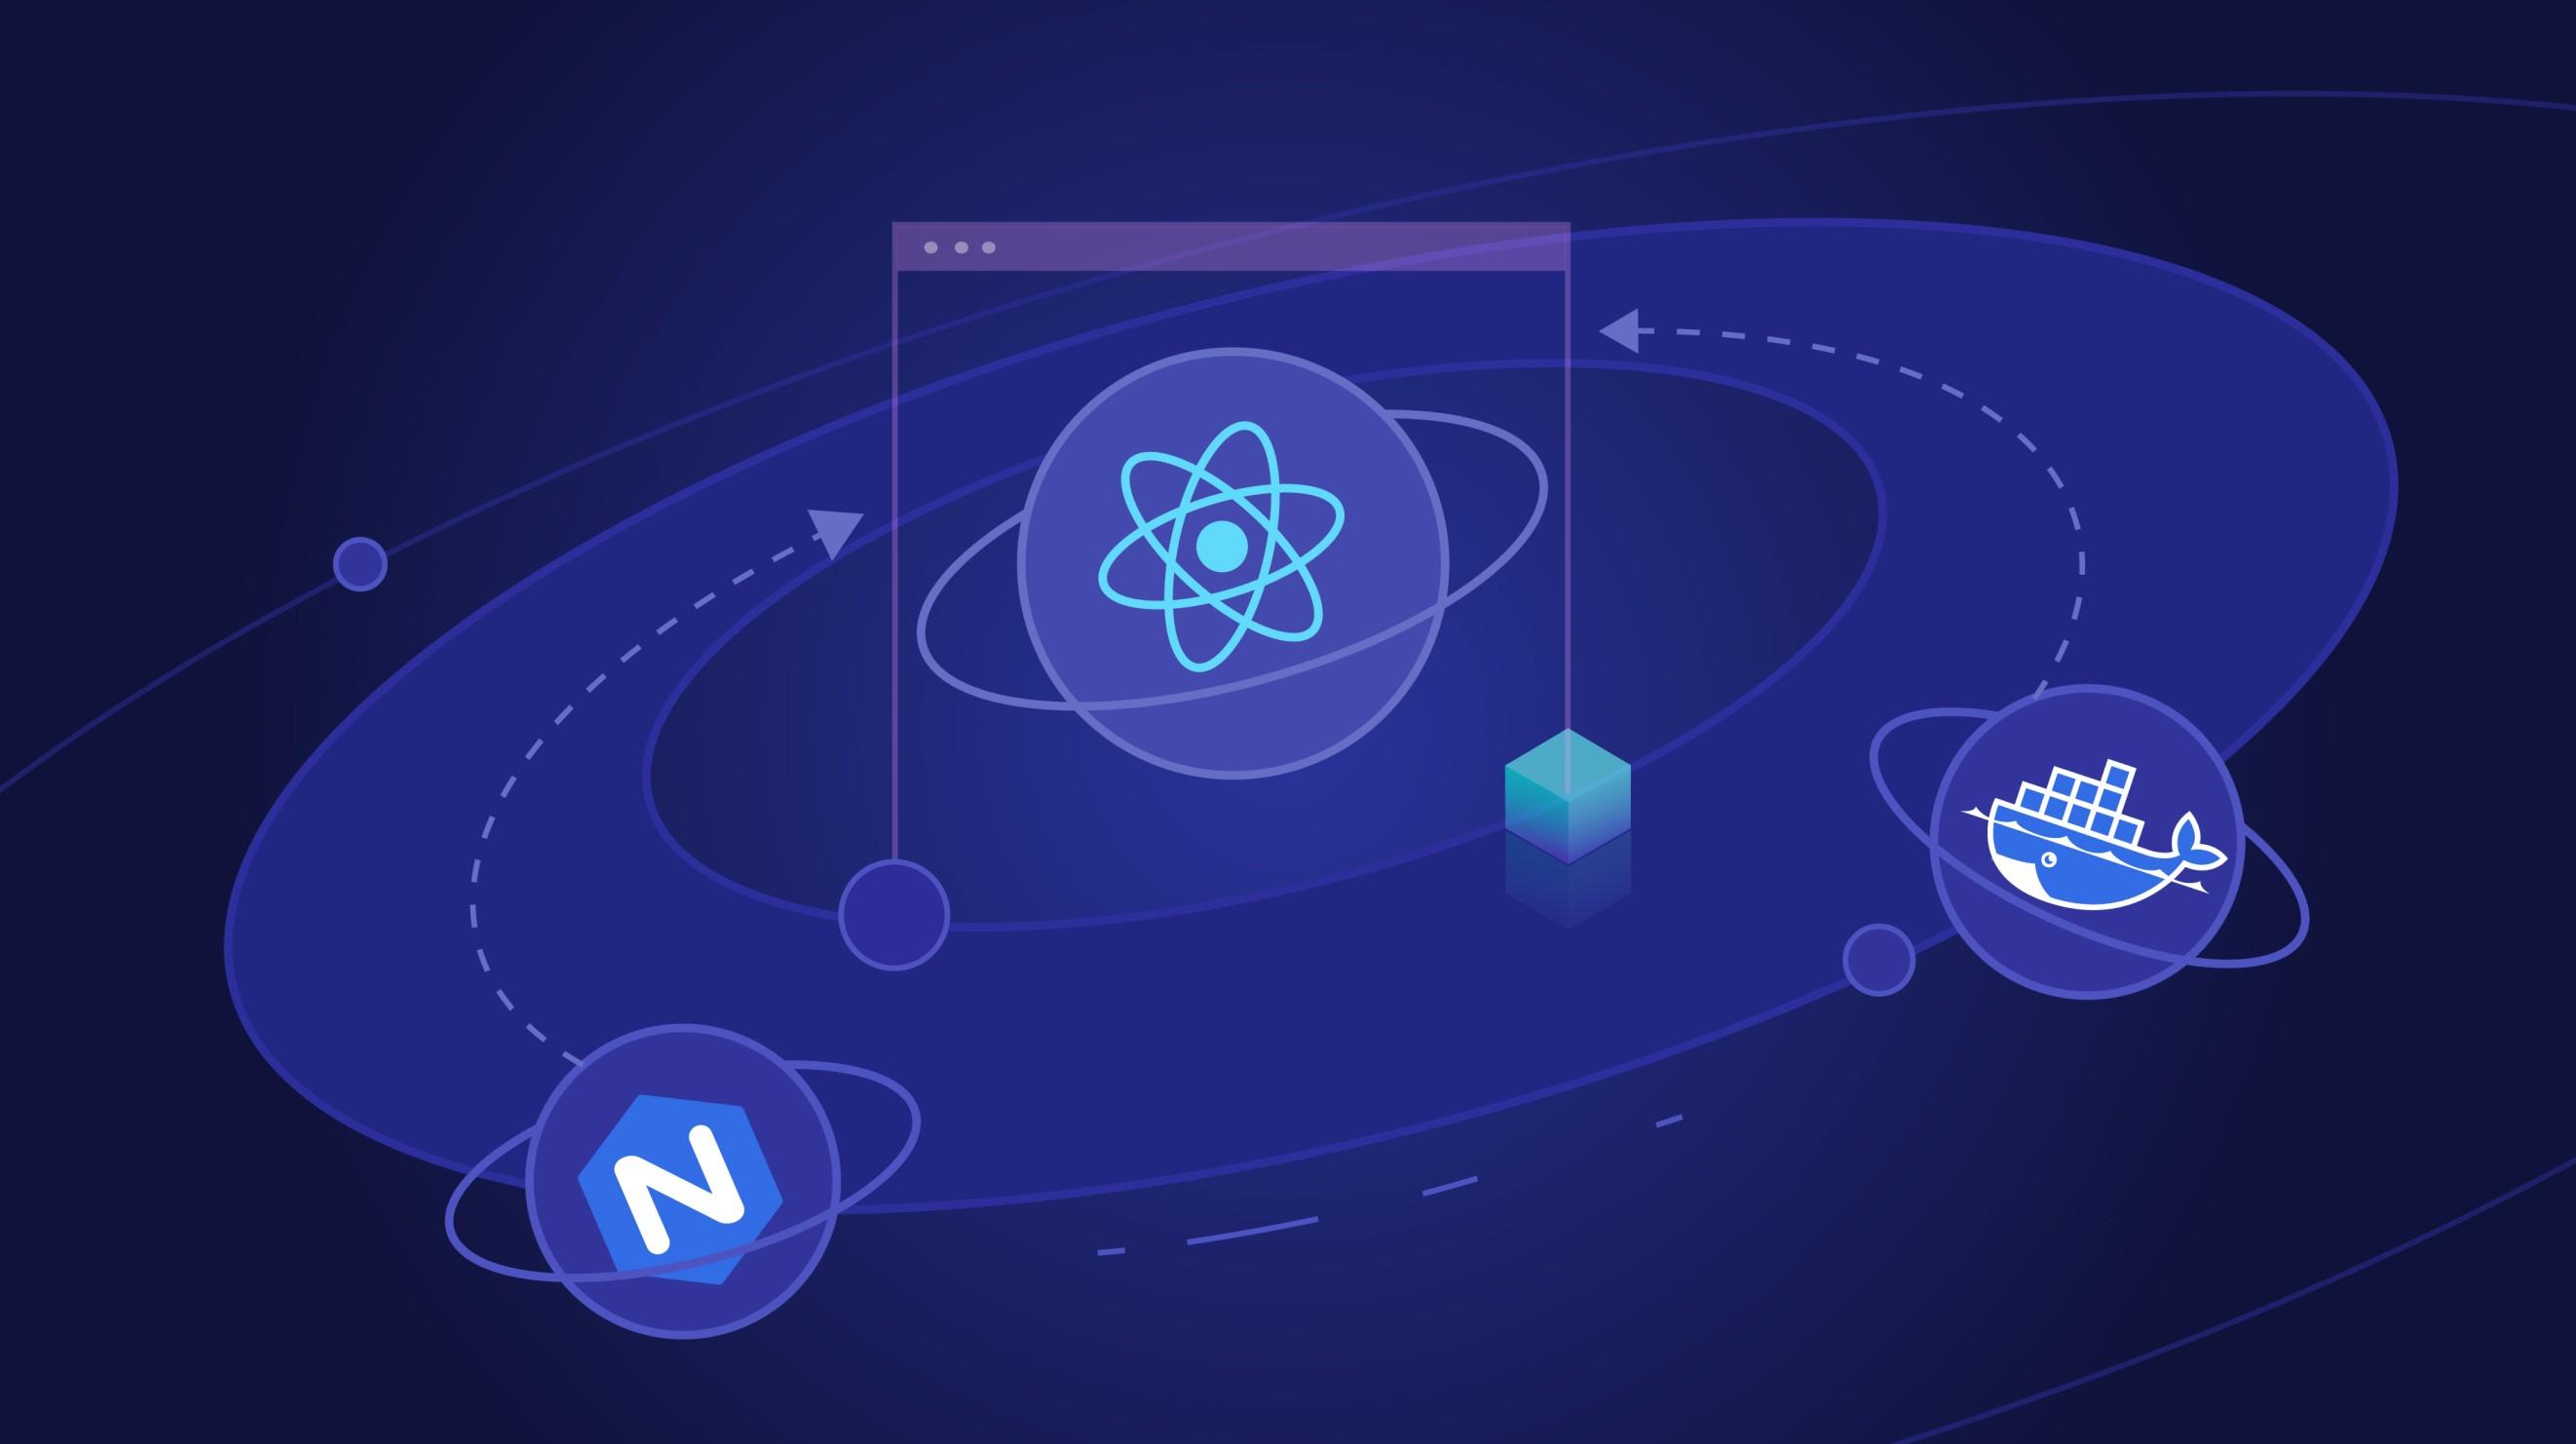 چگونه یک برنامه React را با NGINX و داکر سرویسدهی کنیم؟